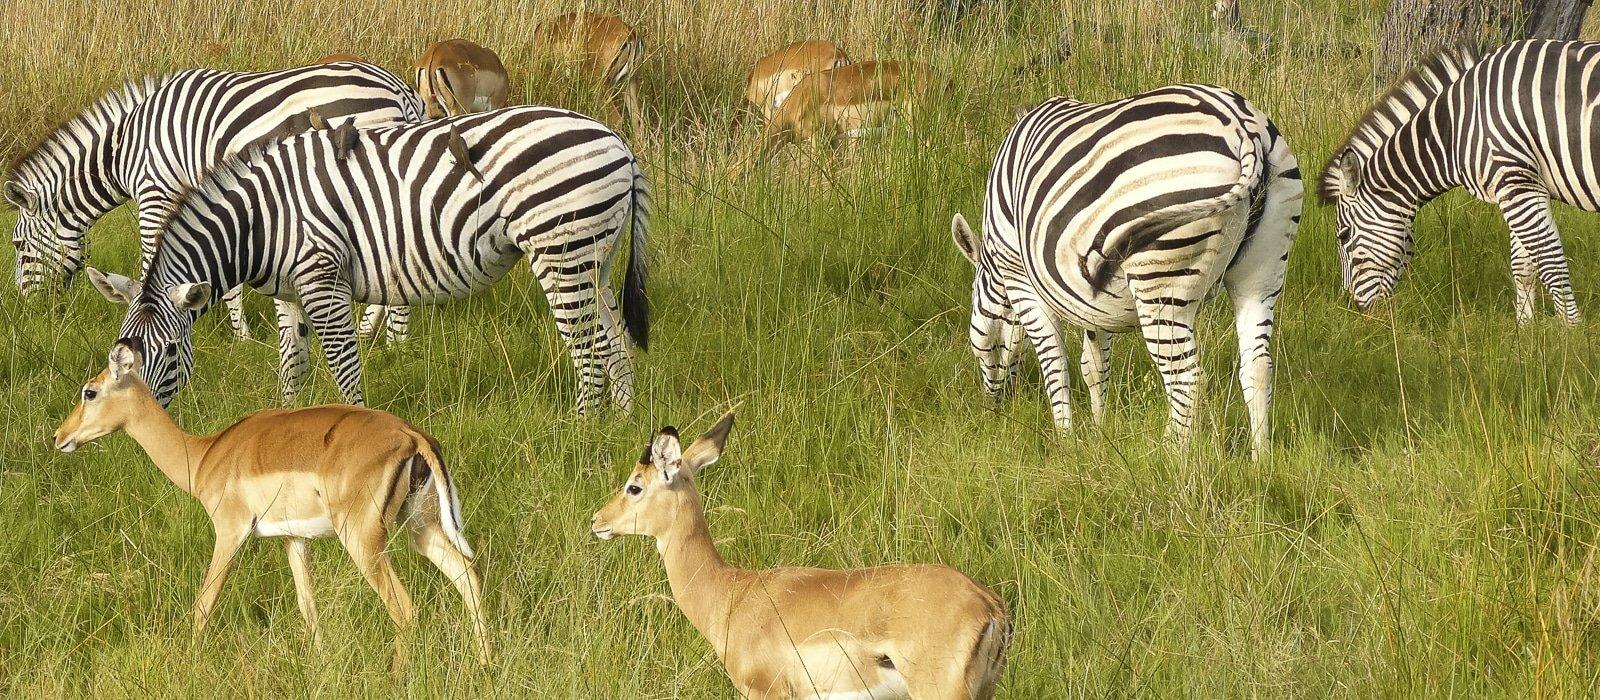 Zèbres à Chobe, Botswana - les Routes du Monde